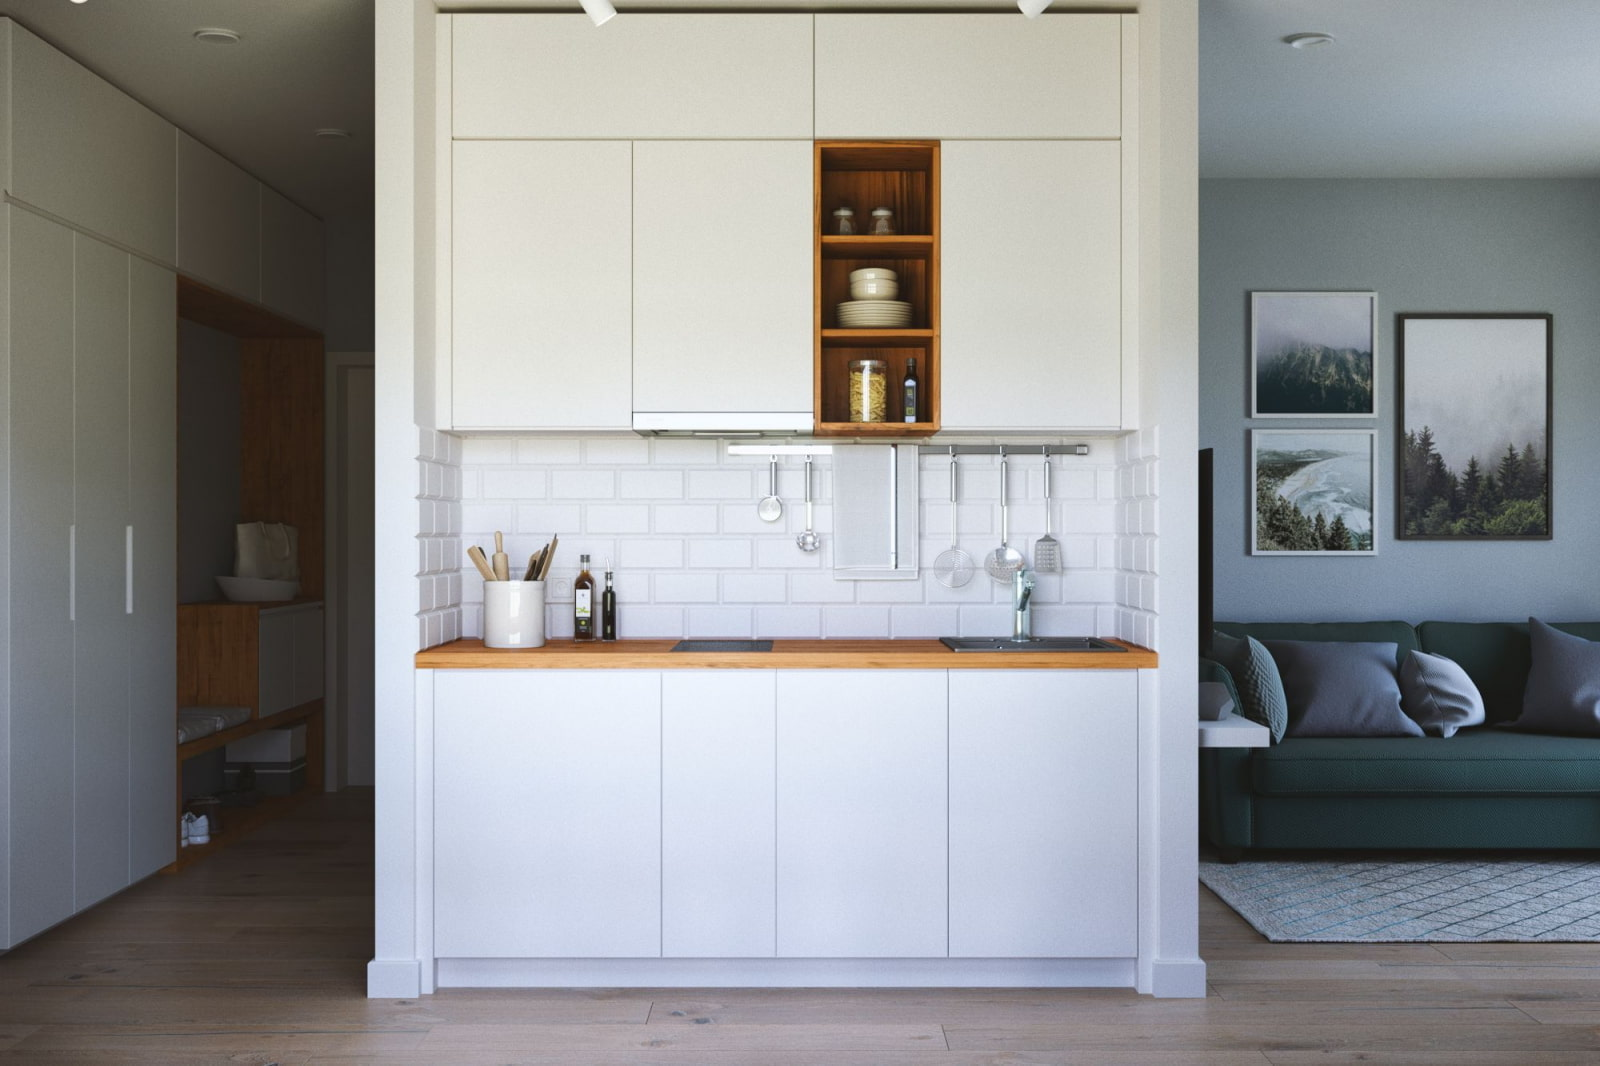 Нестандартные кухни фото дизайн с нишей